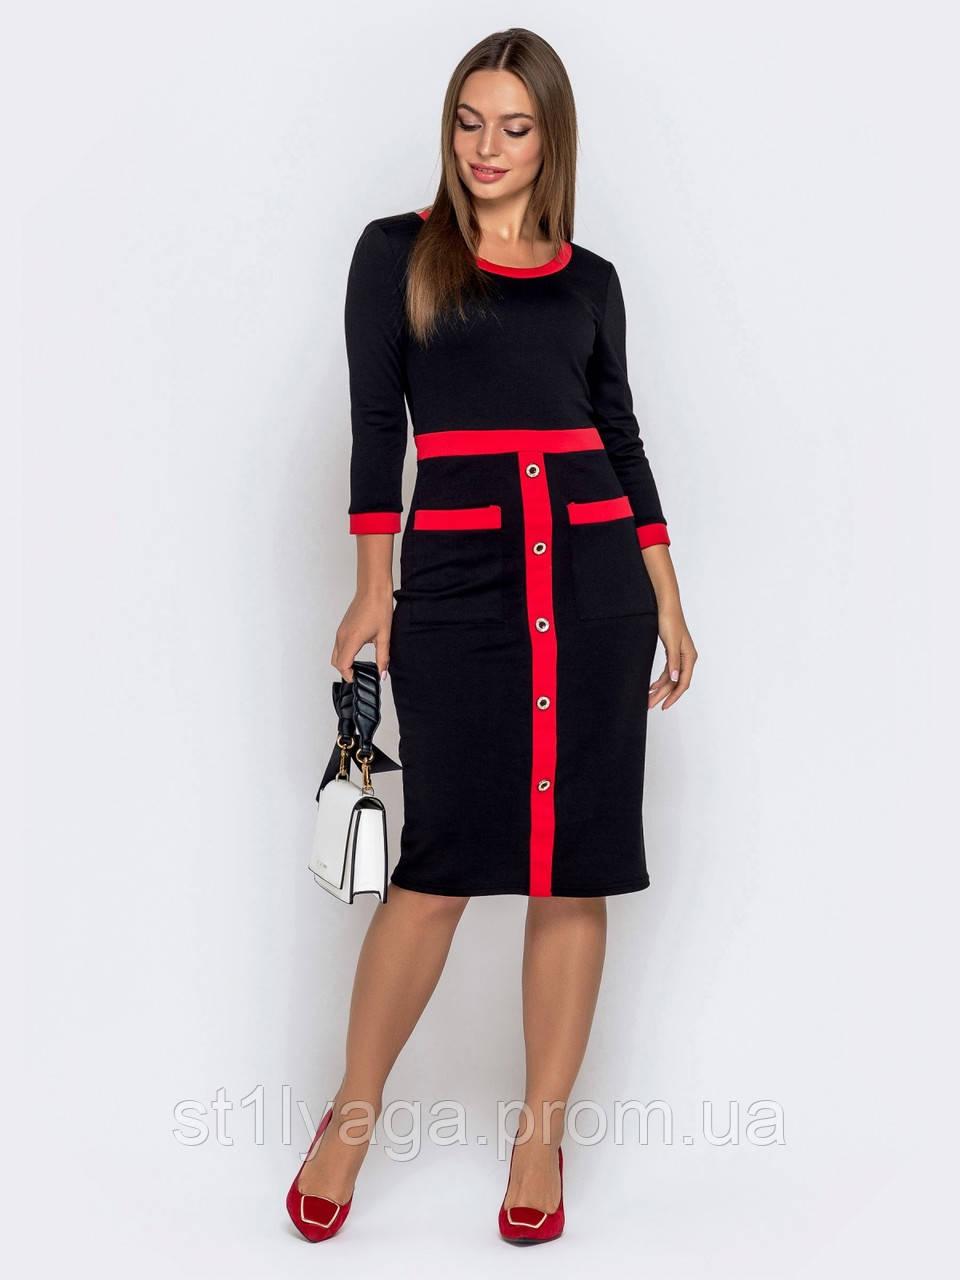 Приталені плаття з трикотажу з рукавами три чверті і контрастною планкою з декоративними гудзиками